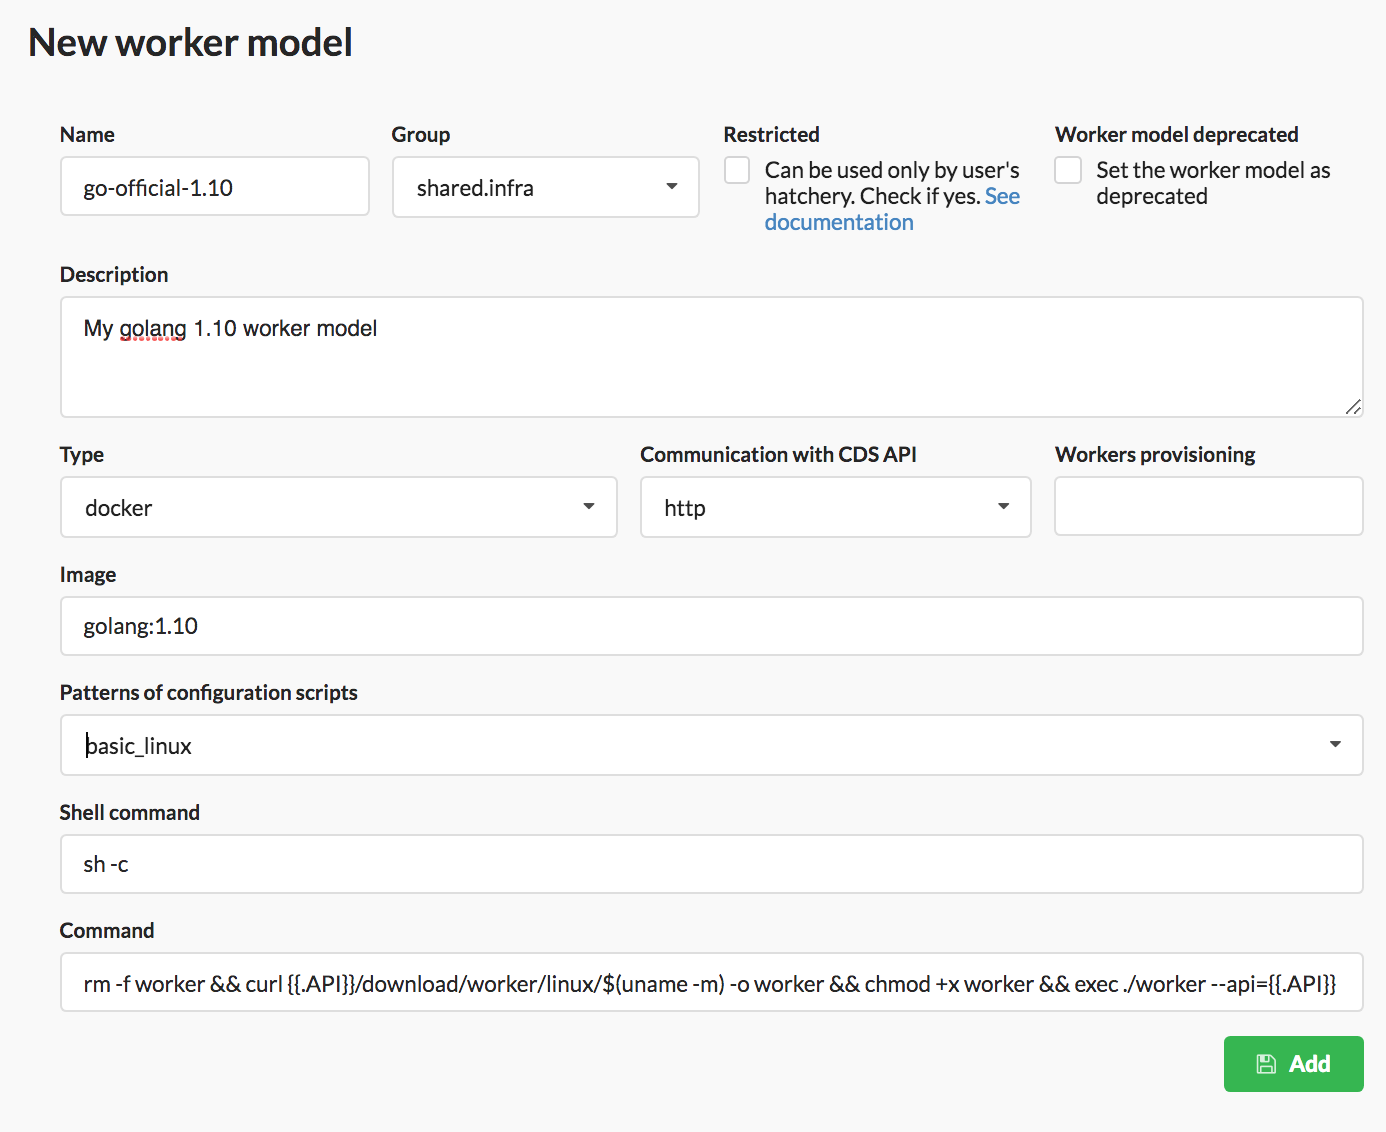 Add worker model